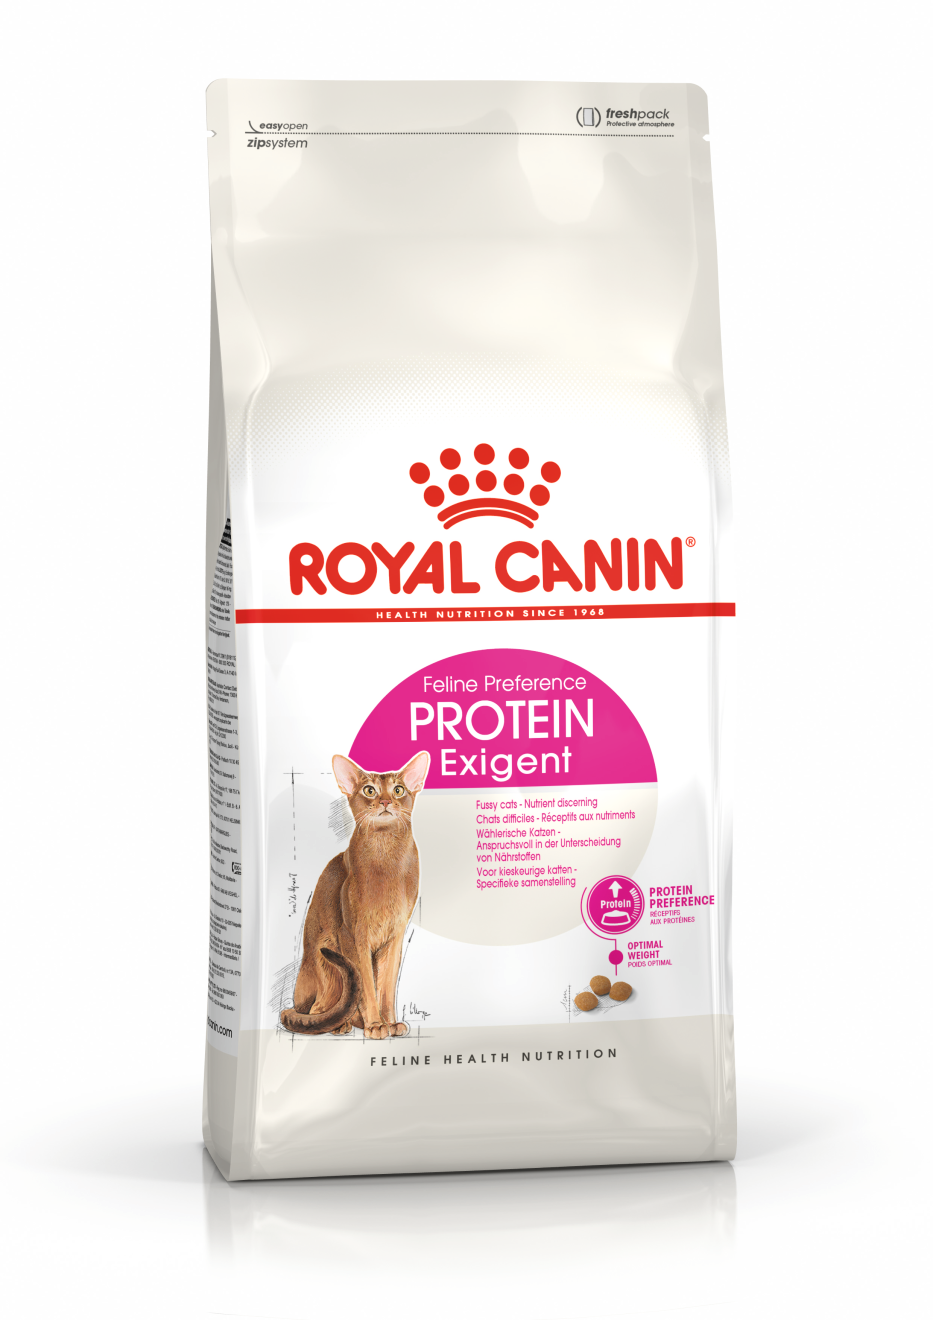 Protein Exigent, 400g